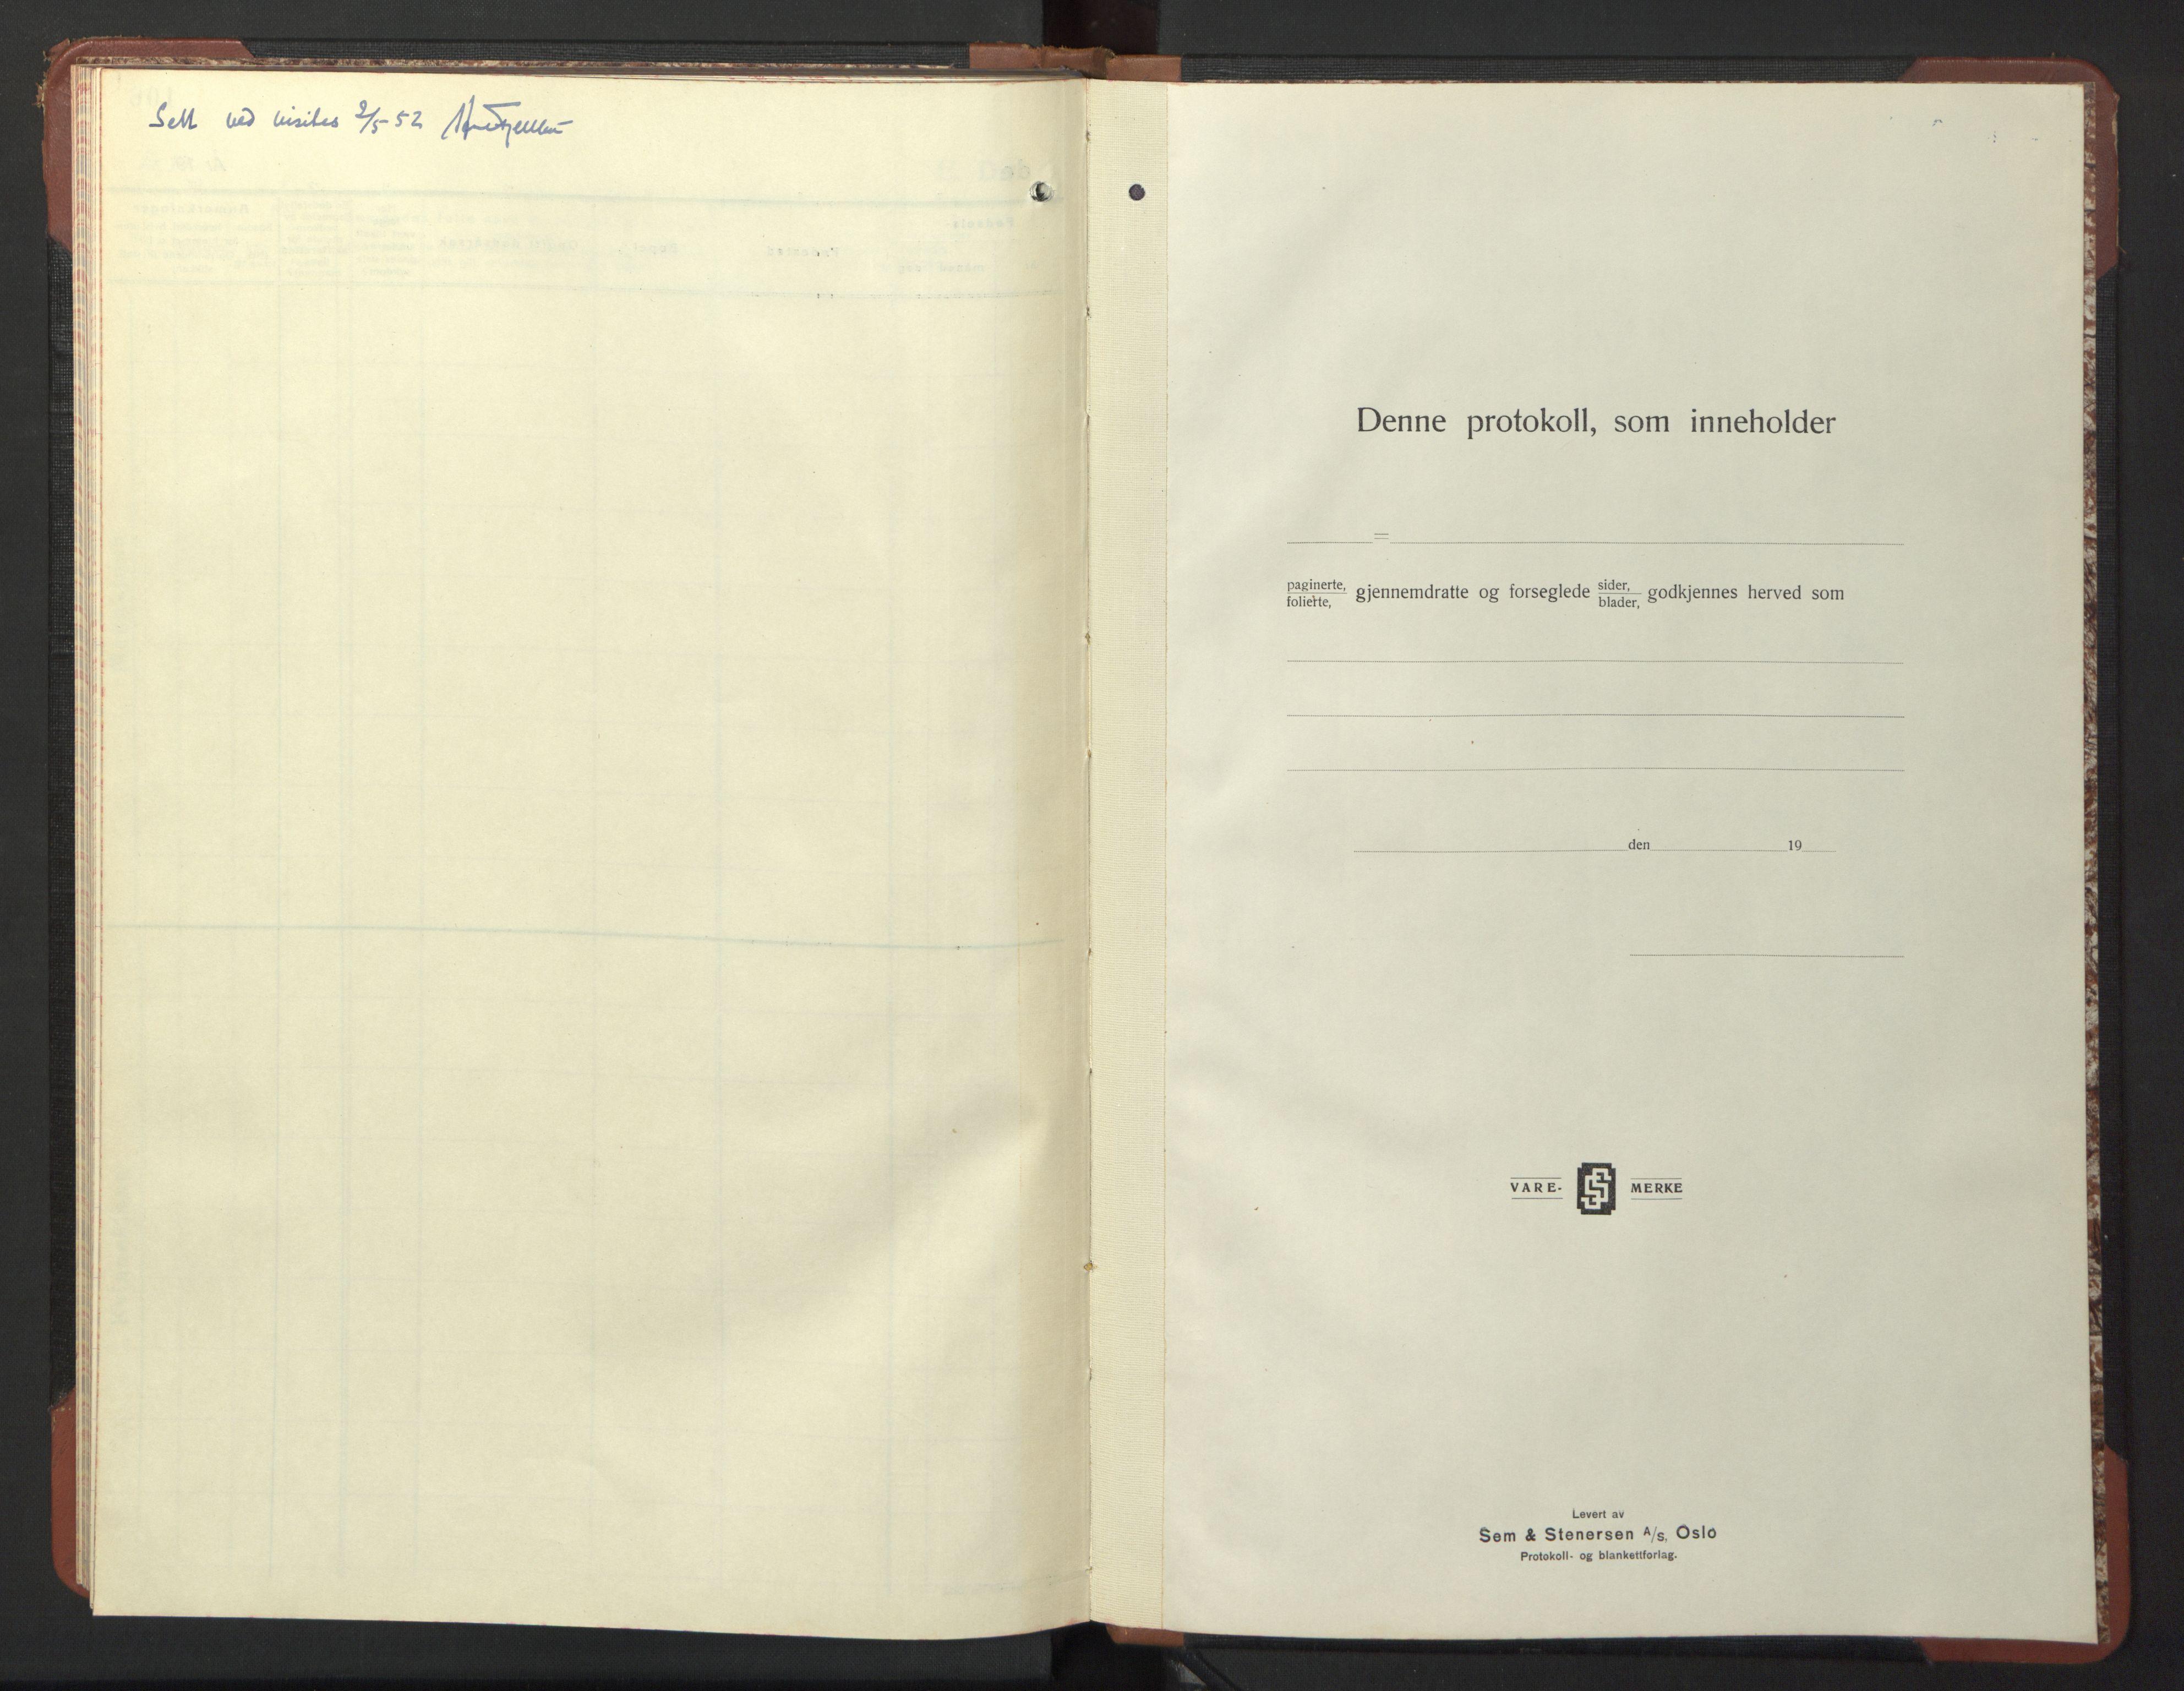 SAT, Ministerialprotokoller, klokkerbøker og fødselsregistre - Sør-Trøndelag, 611/L0358: Klokkerbok nr. 611C06, 1943-1946, s. 98